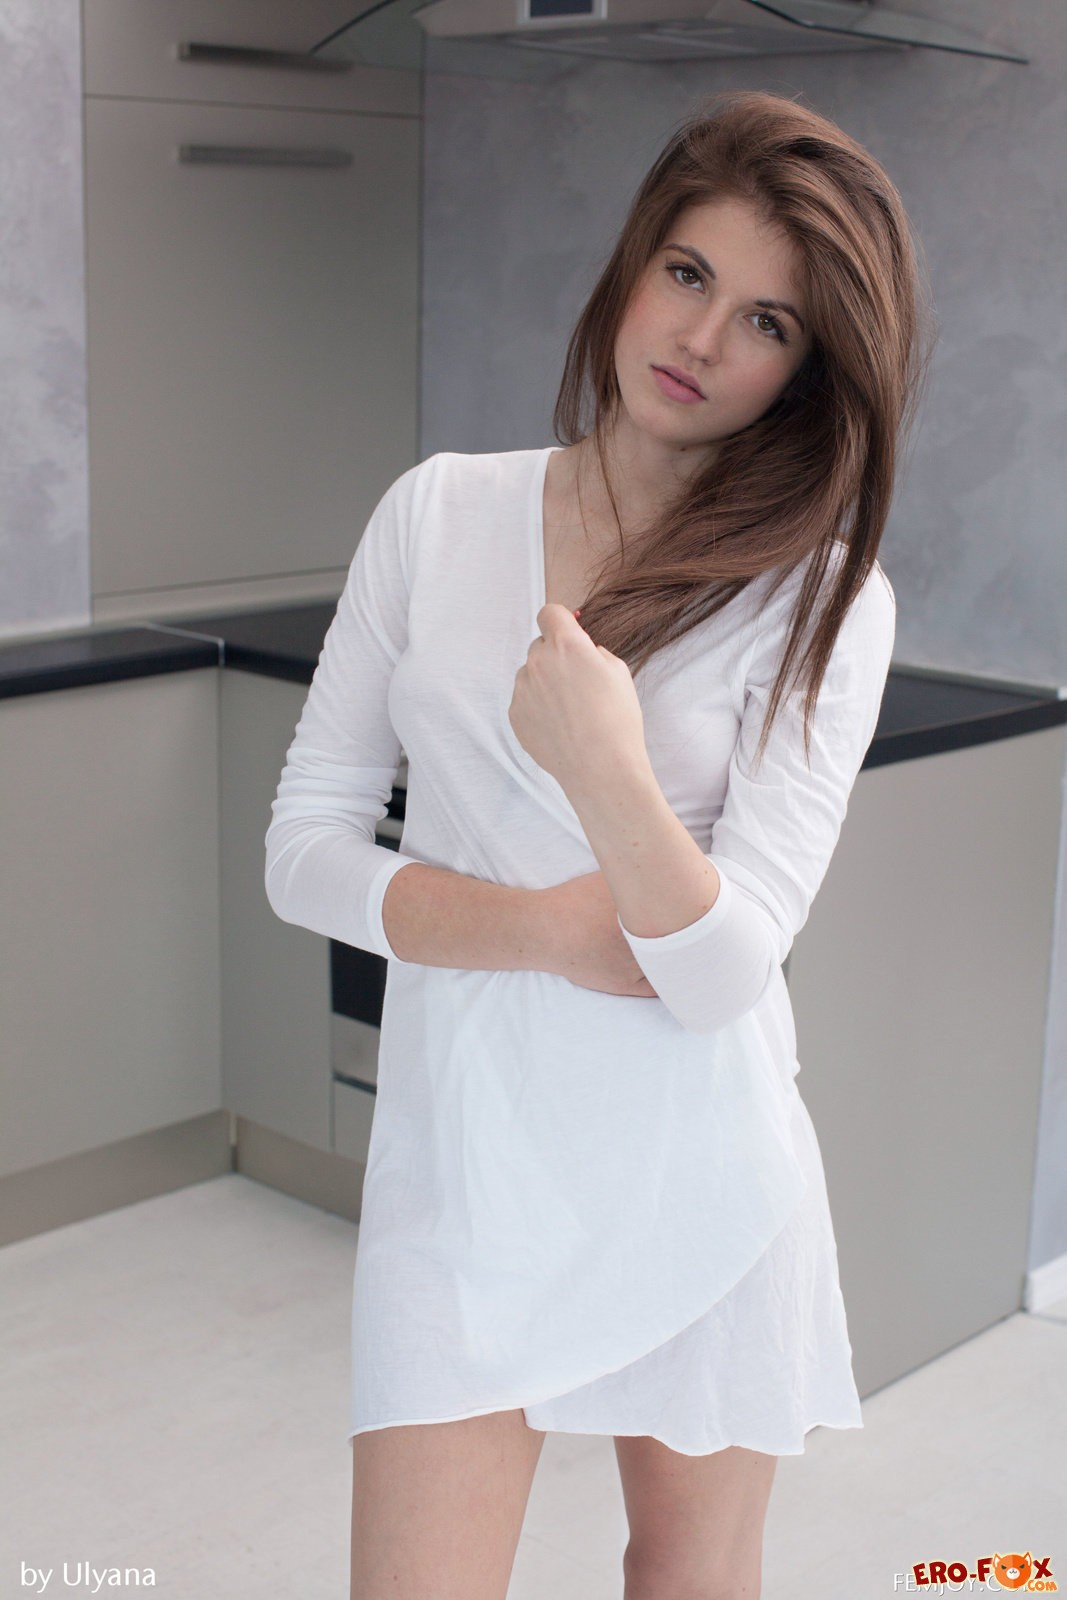 belye-trusiki-dlya-devushek-erotika-24